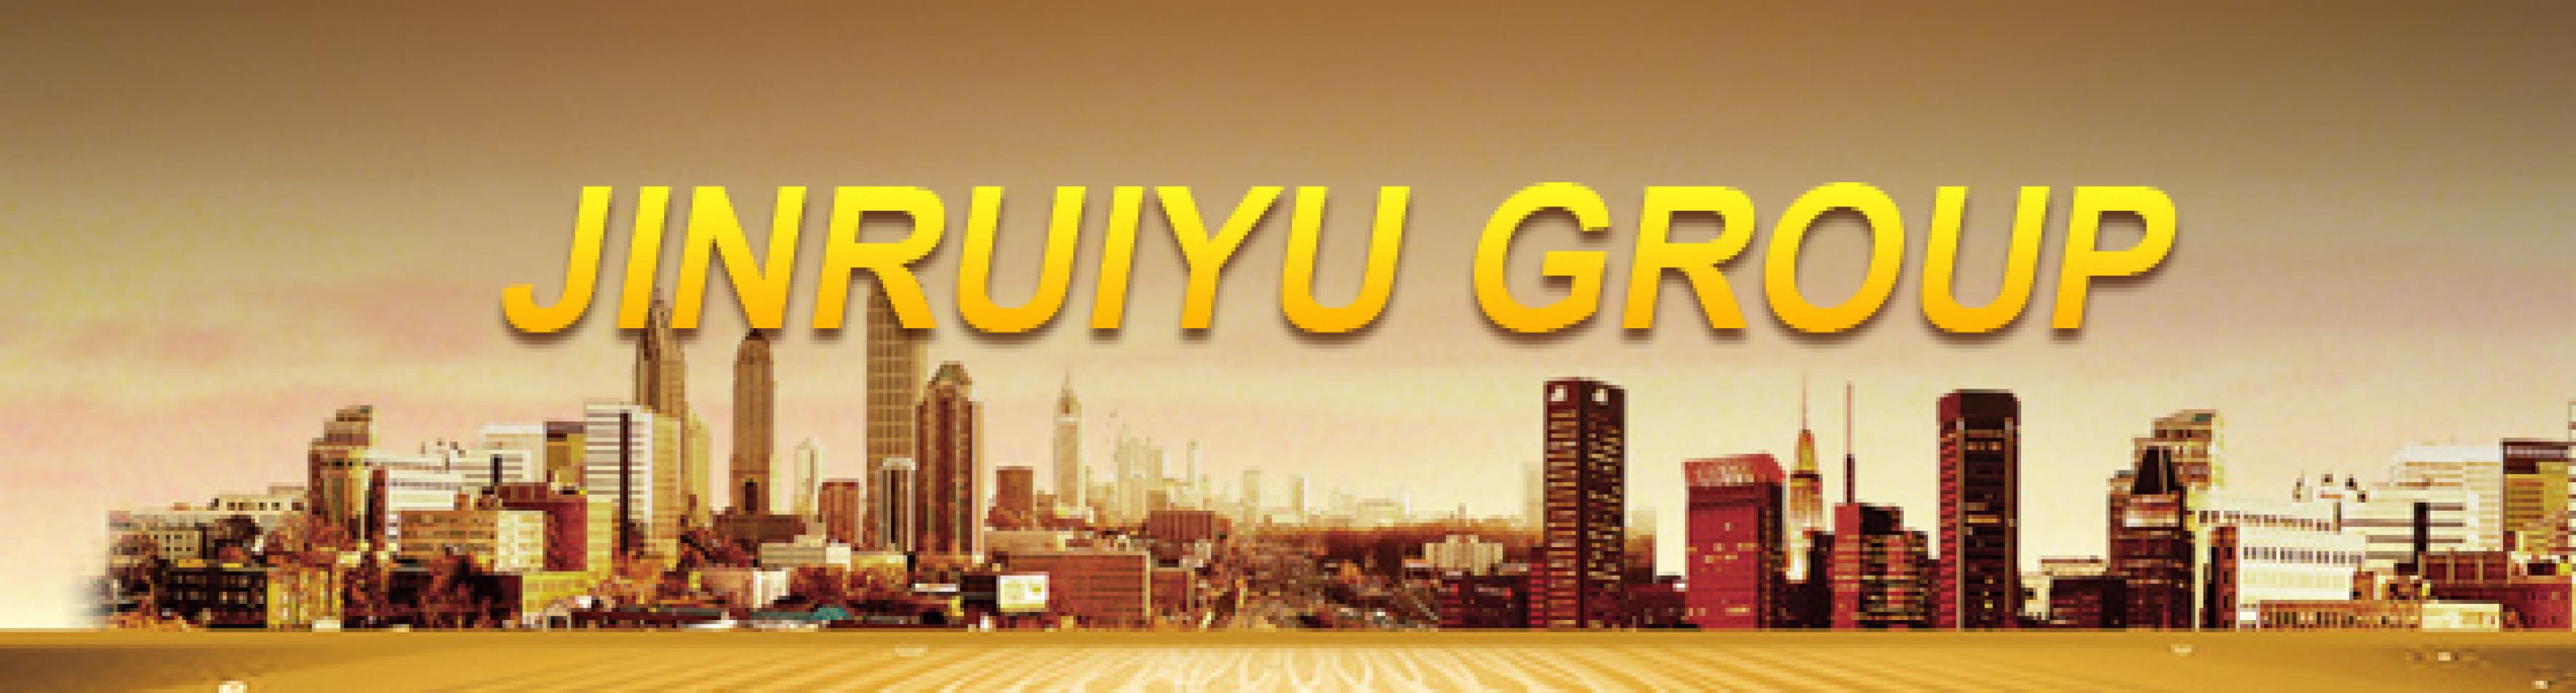 BEIJING JINRUIYU GROUP